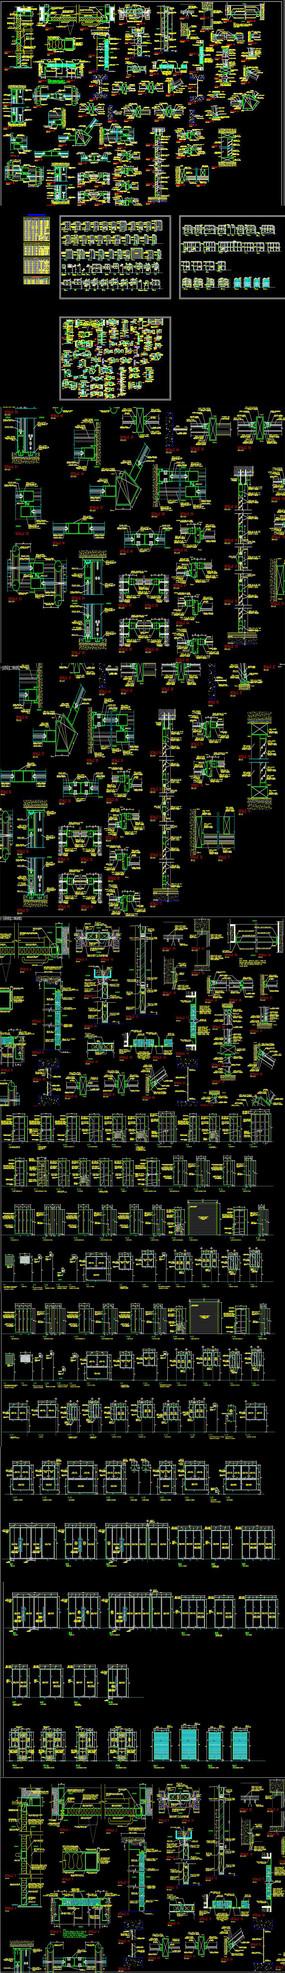 2021門窗細節大樣CAD圖庫